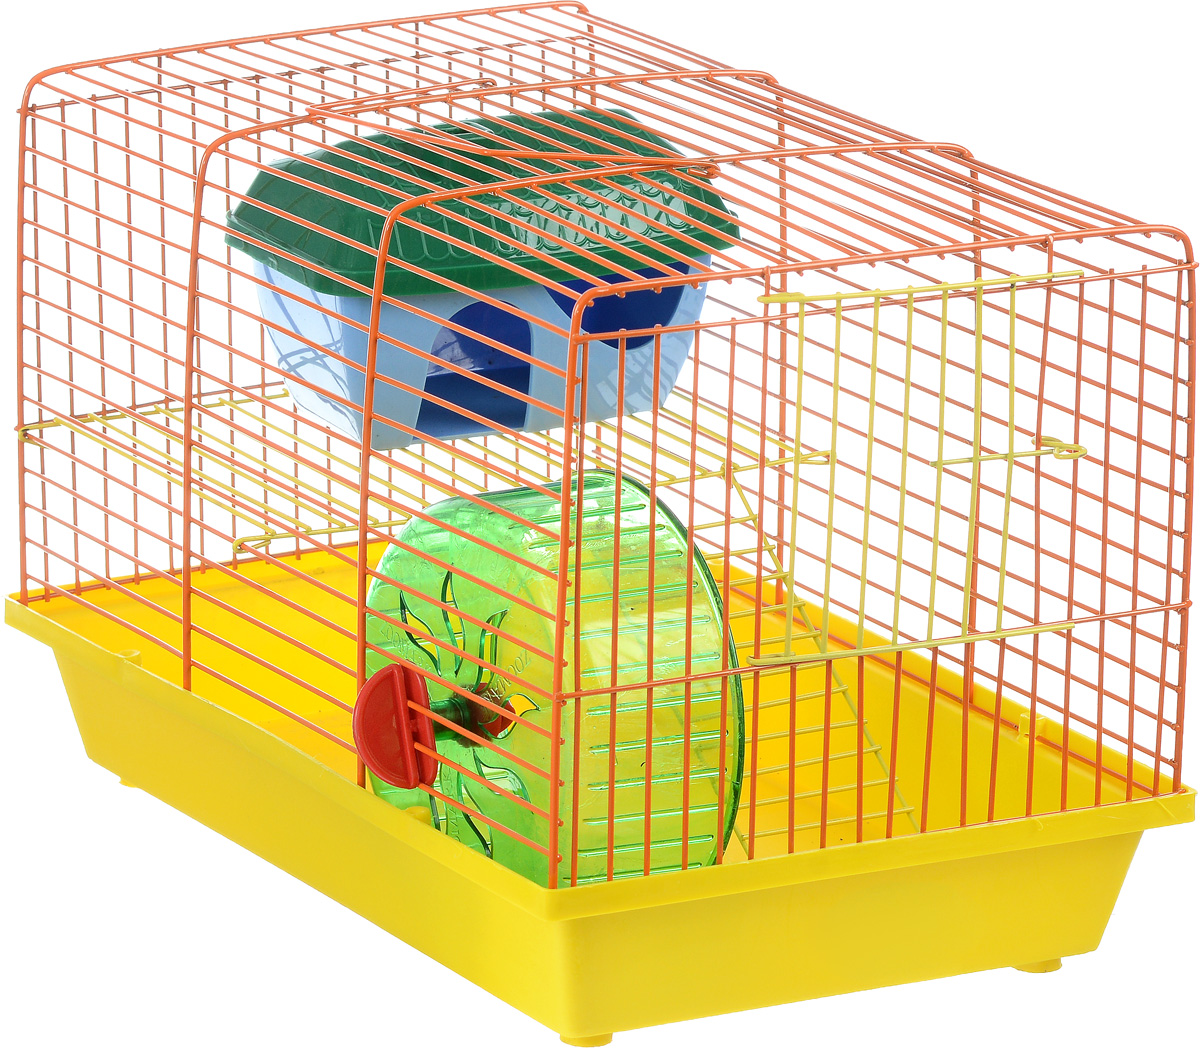 Клетка для грызунов ЗооМарк, 2-этажная, цвет: желтый поддон, оранжевая решетка, желтый этаж, 36 х 22 х 24 см240КФКлетка ЗооМарк, выполненная из полипропилена и металла, подходит для мелких грызунов. Изделие двухэтажное, оборудовано колесом для подвижных игр и пластиковым домиком. Клетка имеет яркий поддон, удобна в использовании и легко чистится. Сверху имеется ручка для переноски, а сбоку удобная дверца. Такая клетка станет уединенным личным пространством и уютным домиком для маленького грызуна.